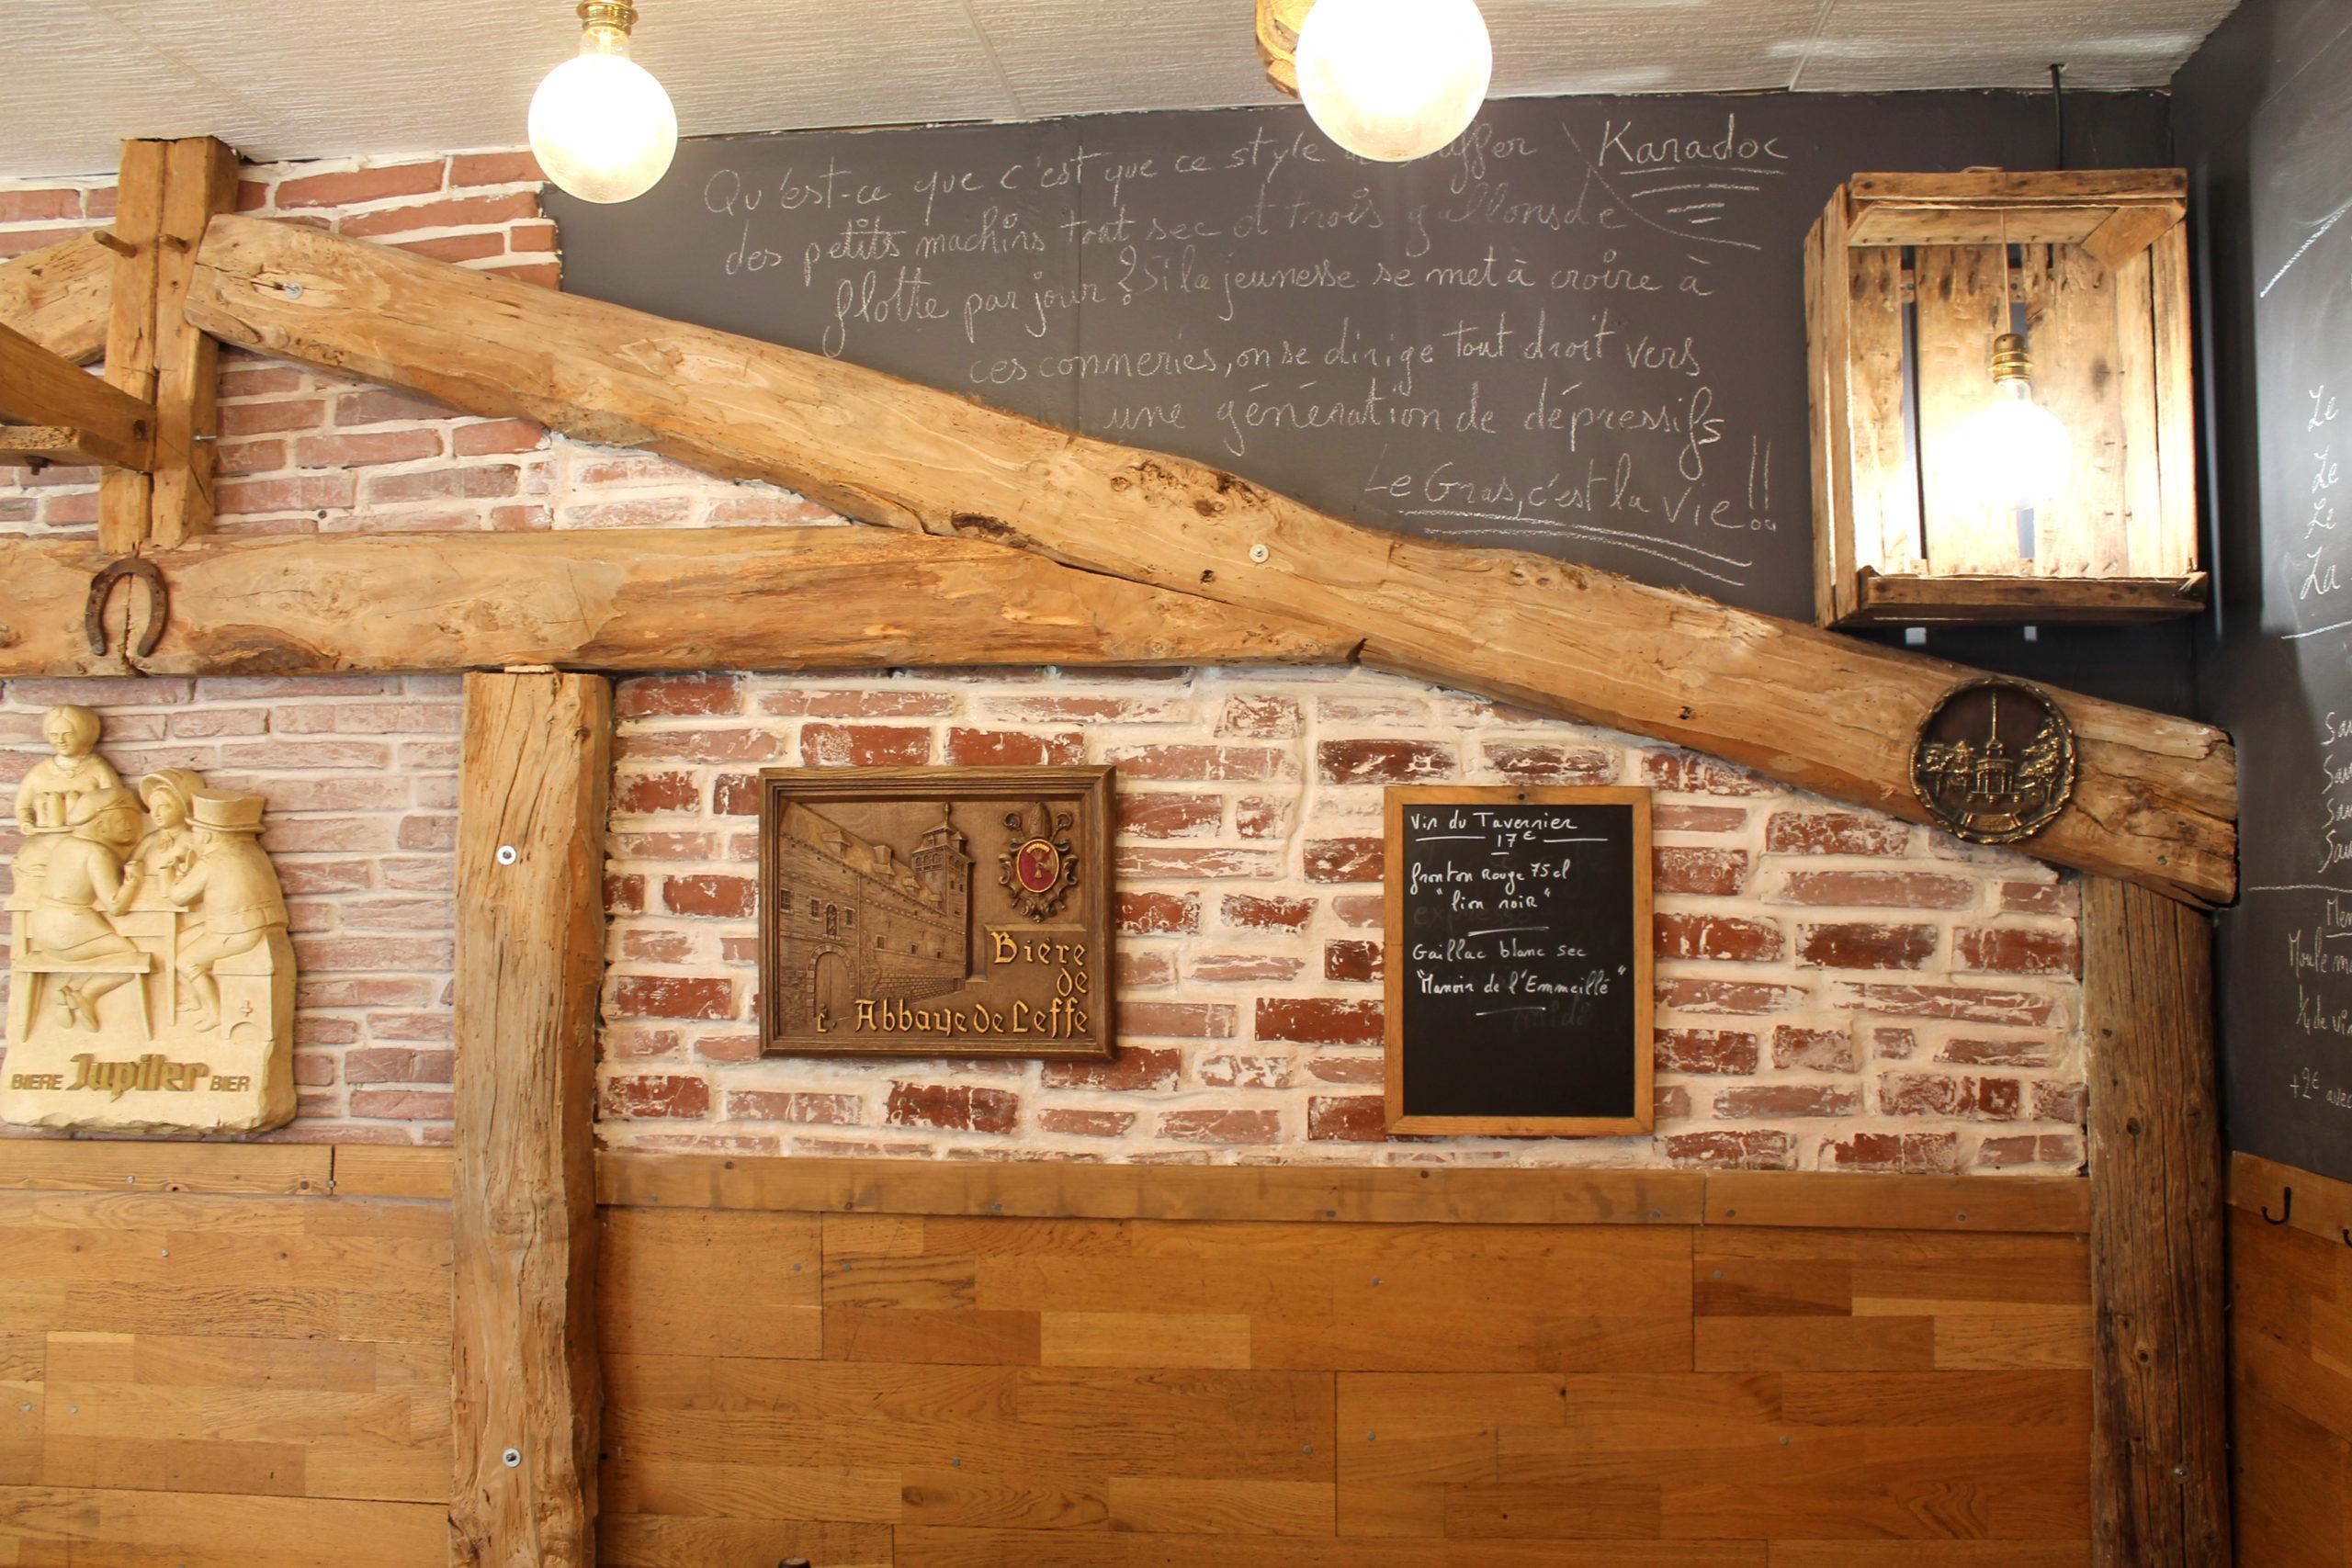 Photo du décor intérieur - Prise par Nob Guérin